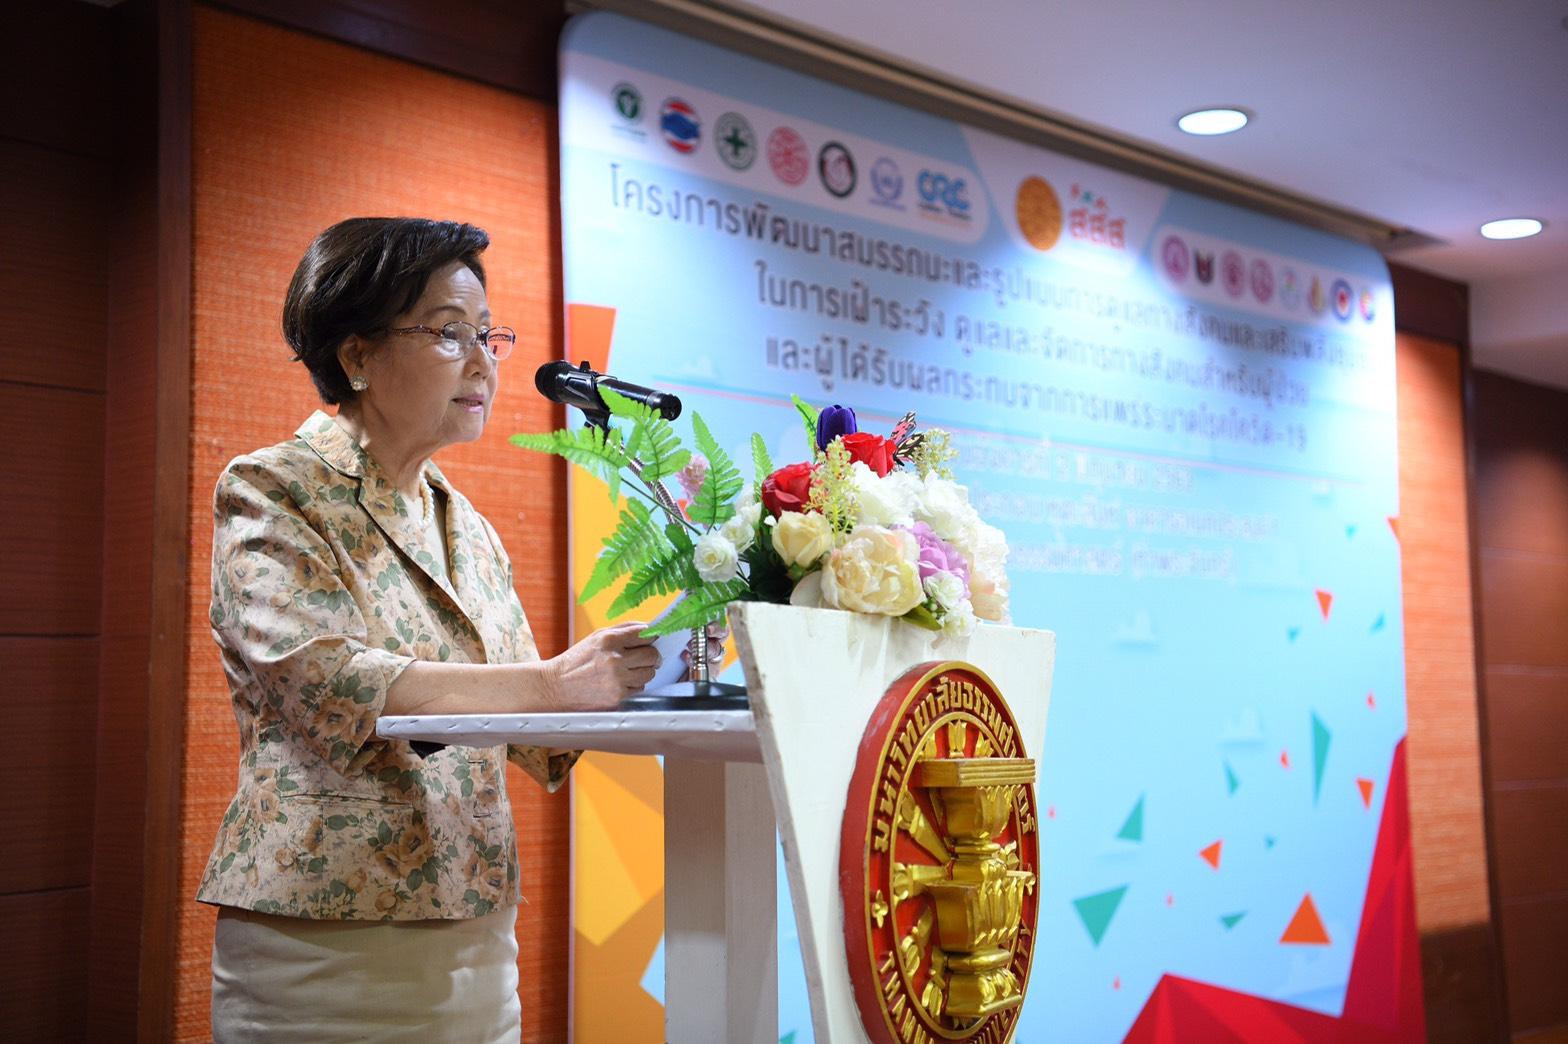 สสส. มธ. พร้อมภาคี เปิดโครงการช่วยผู้ป่วยโควิด-19 กลับเข้าสู่สังคม thaihealth